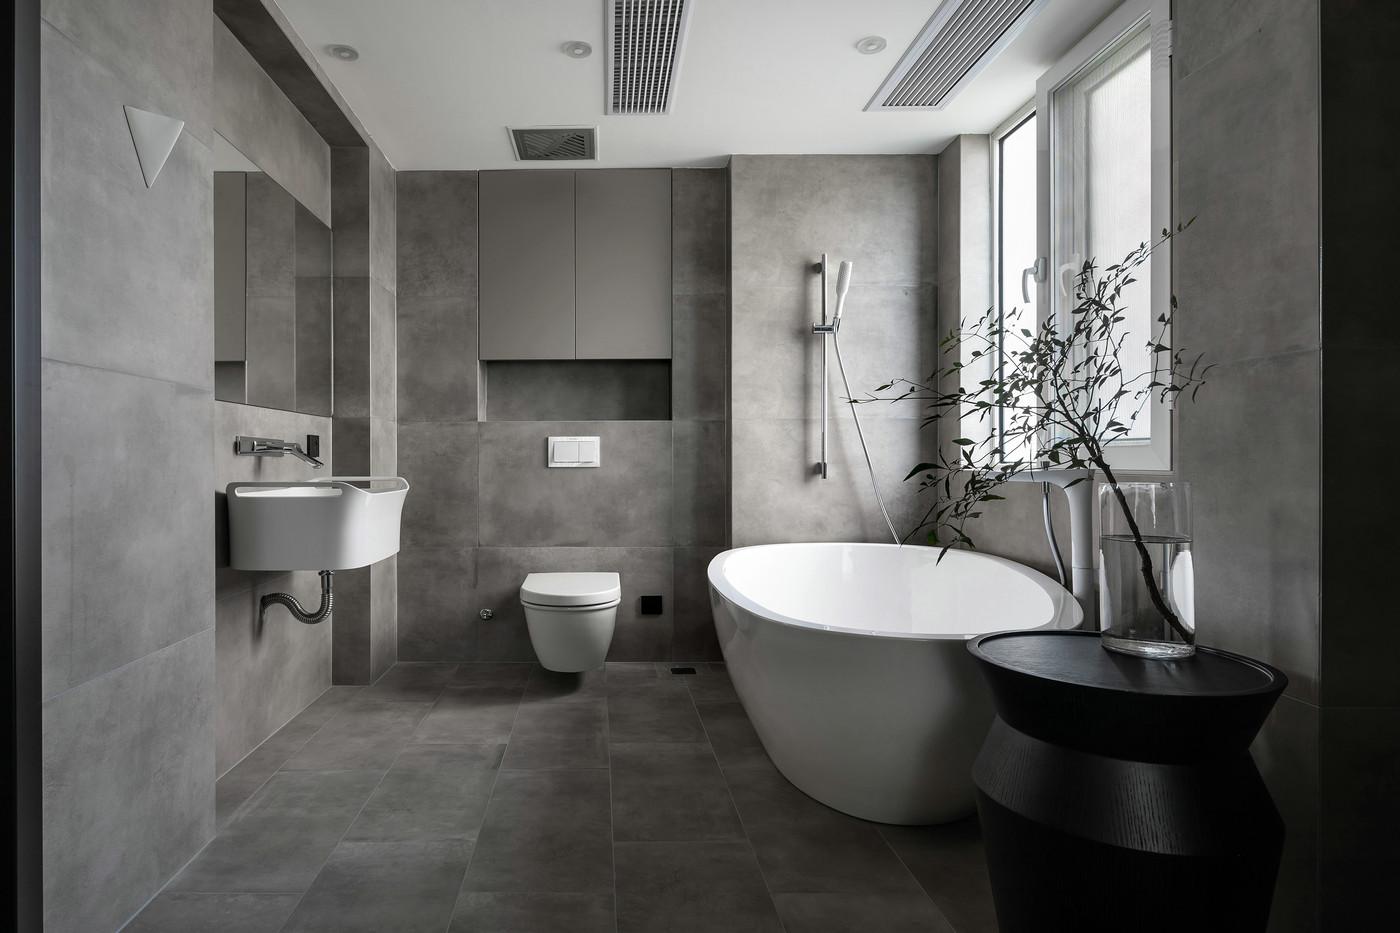 卫浴空间很宽敞,通体灰色瓷感经典简约,局部使用白色洁具搭配,增强整体美观度,浴缸与淋雨相互结合,简约